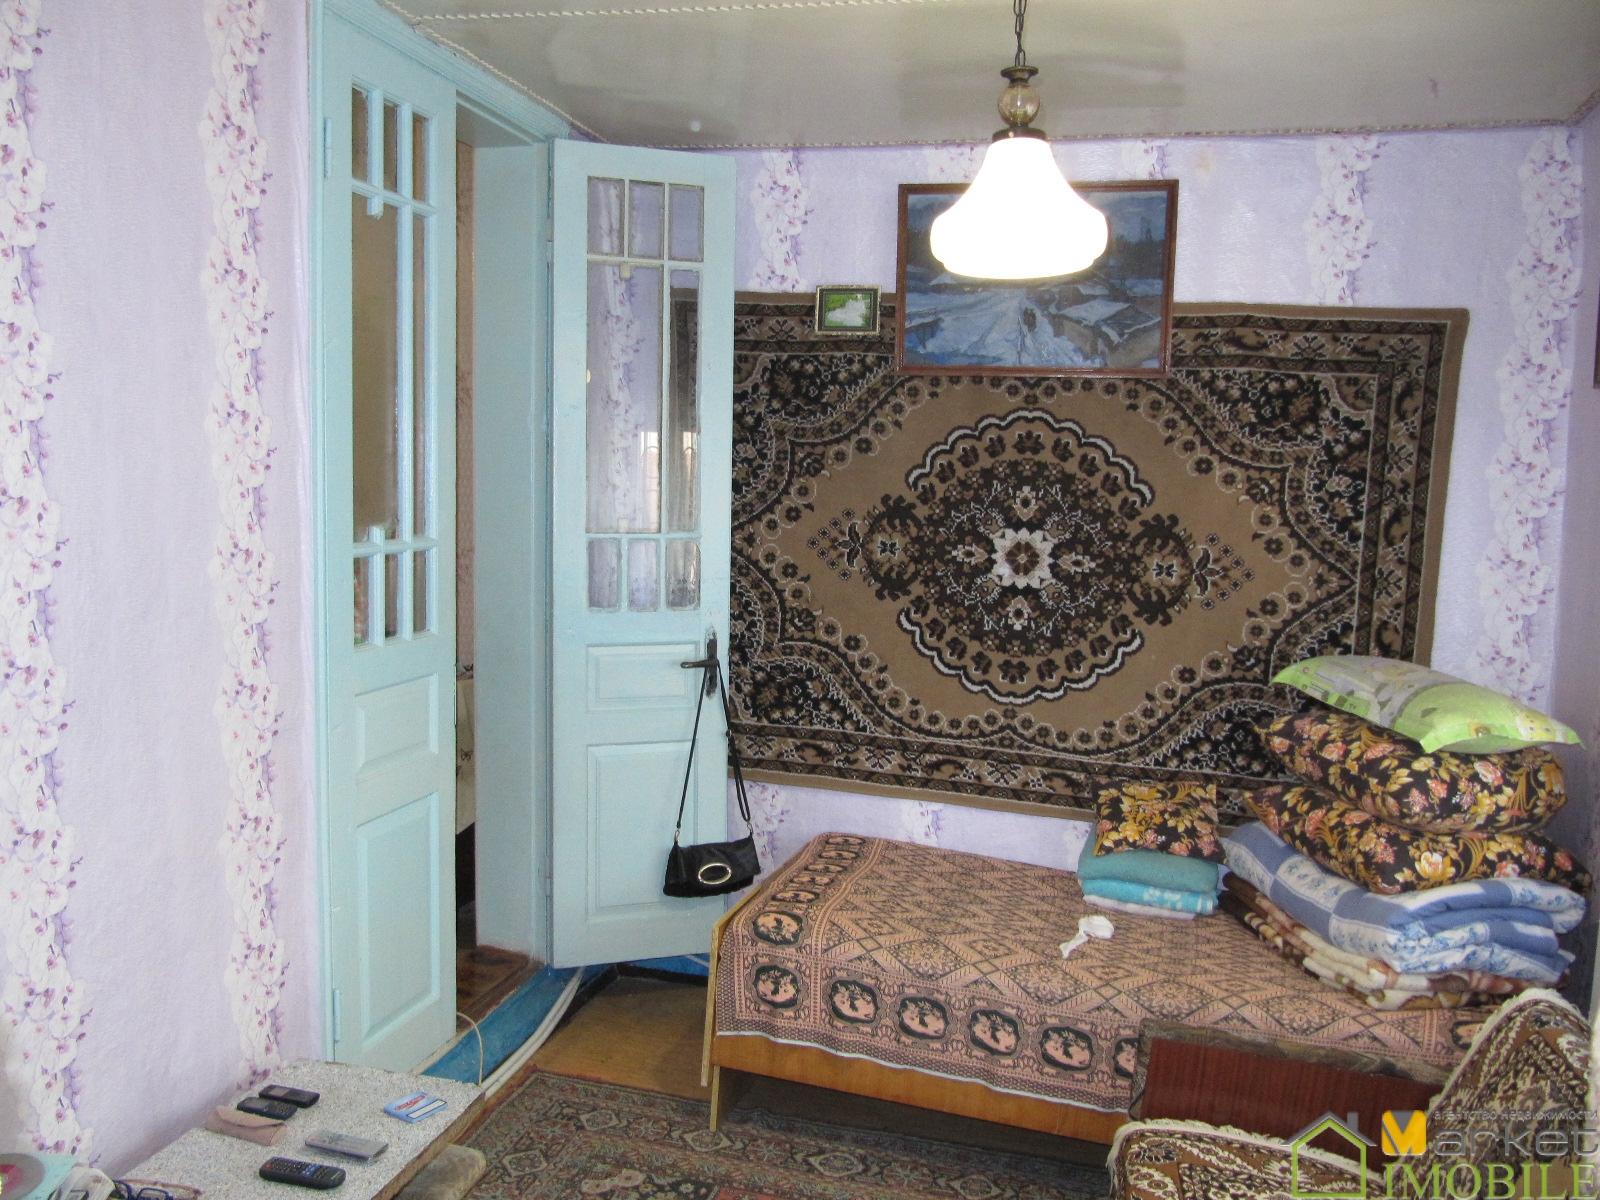 Casa cu 2 nivele, cu beci, garaj, sauna…